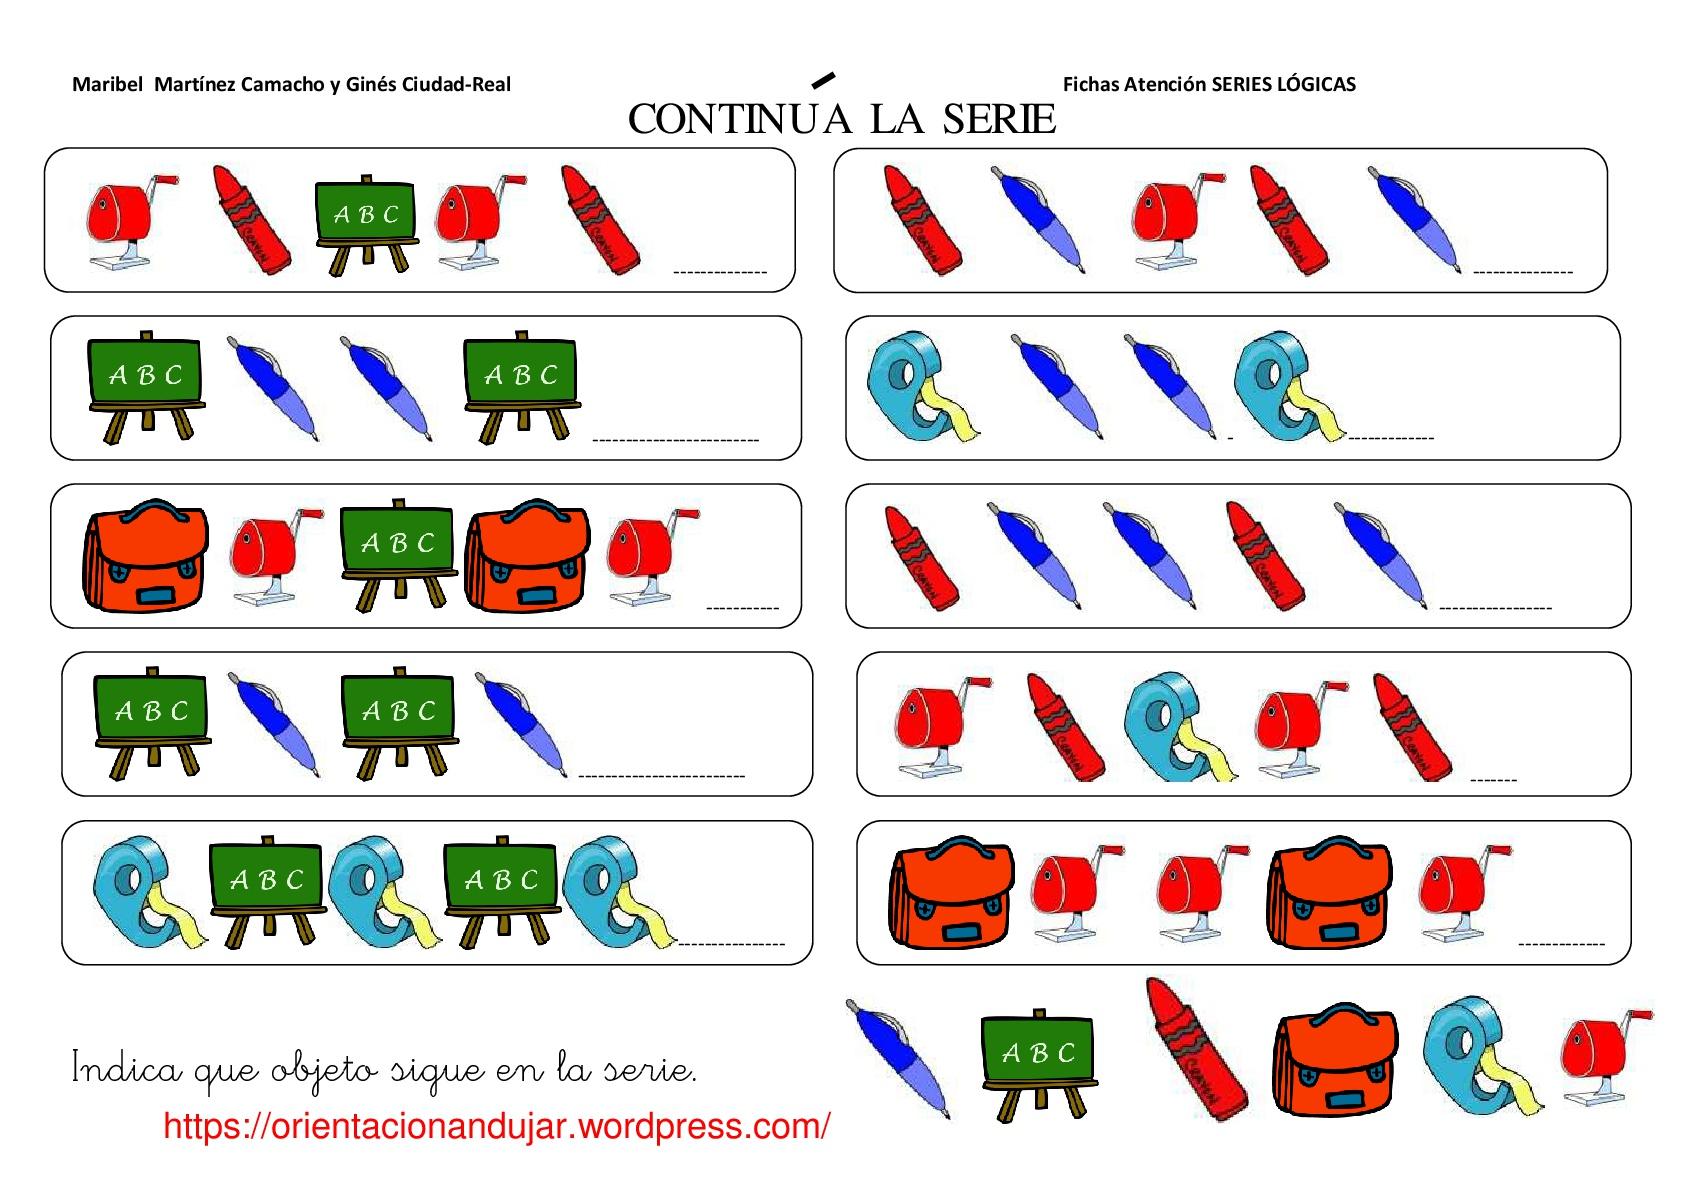 Continua-la-serie-fichas-1-20-009